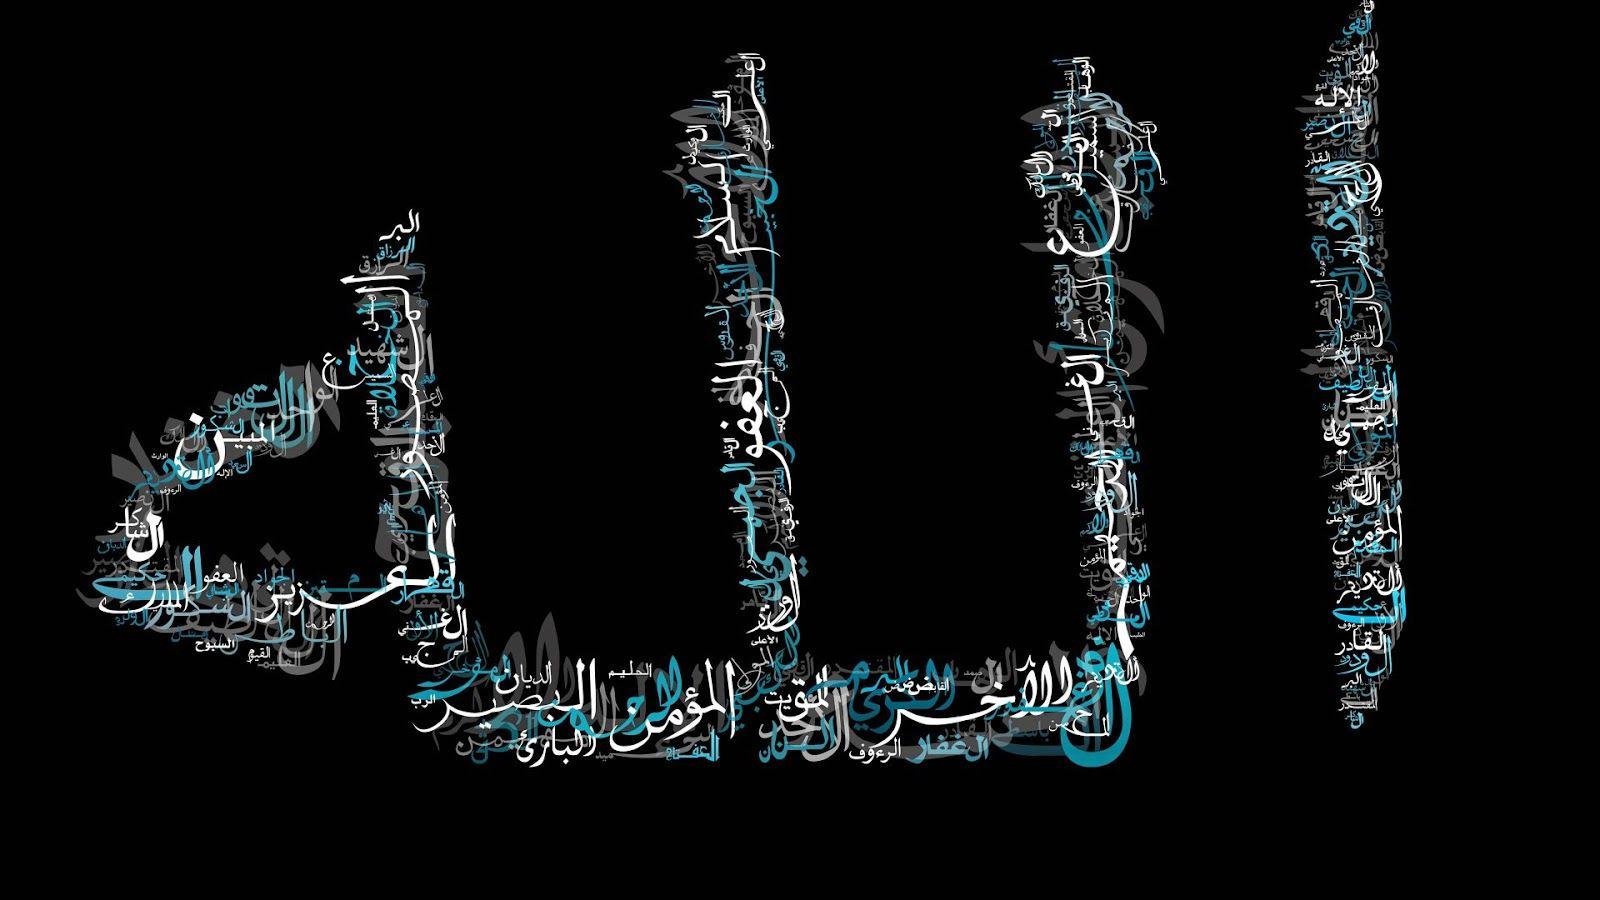 Beautiful Islamic Gallery ALLAH Wallpaper 11